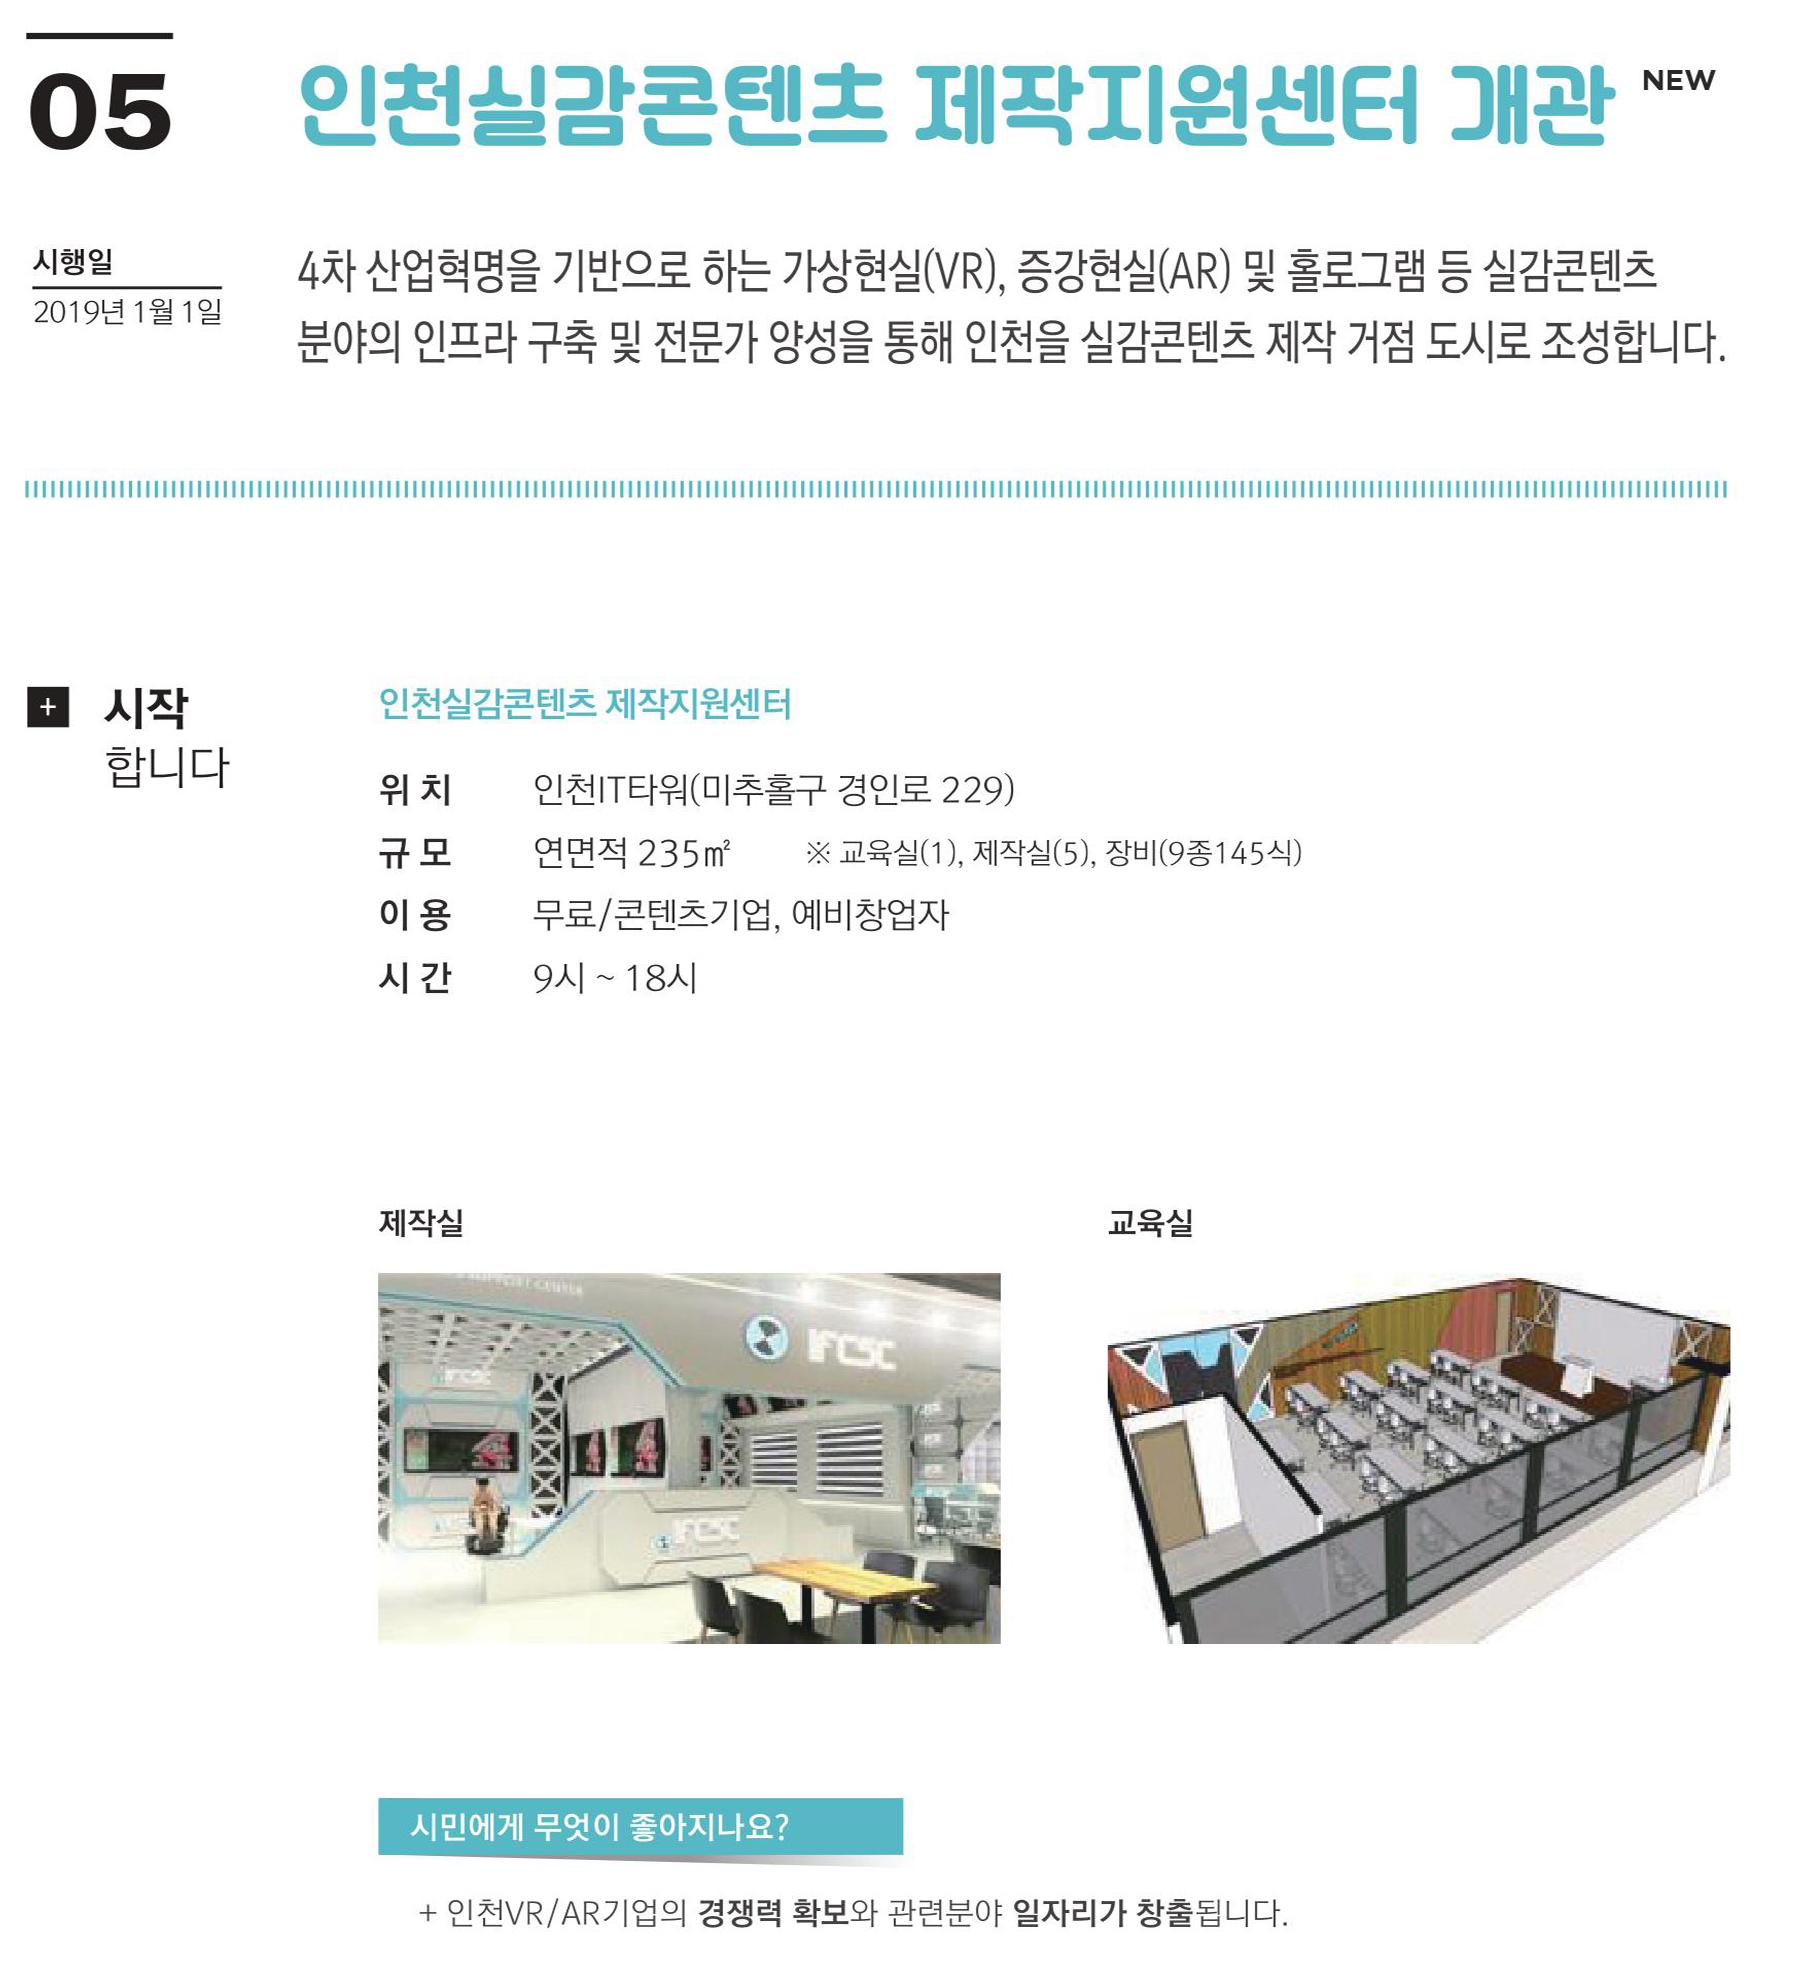 인천-실감톤텐츠-제작지원